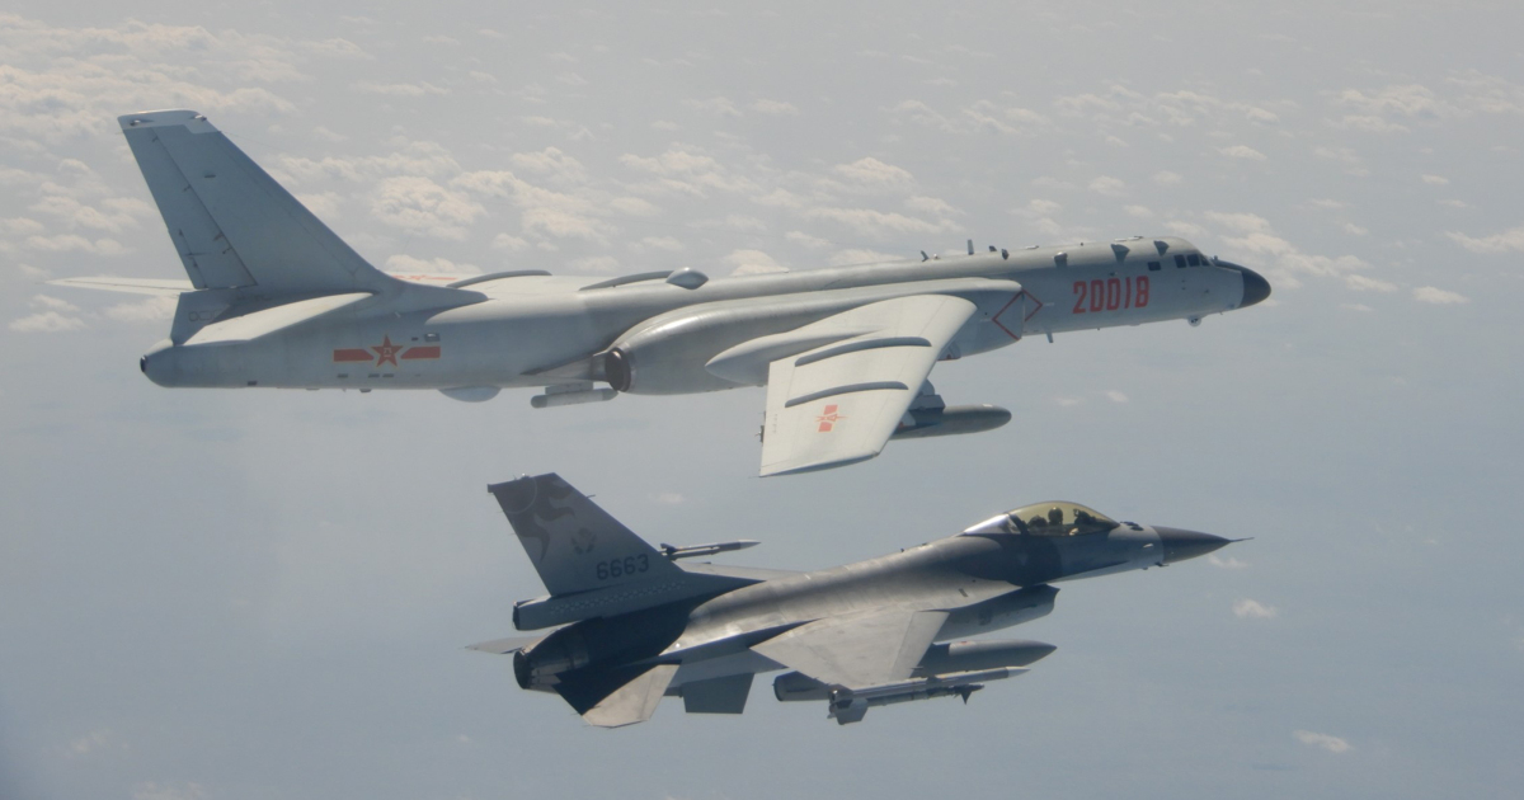 Khong dong nhu J-7, nhung J-16 moi la chu luc cua Khong quan TQ-Hinh-5